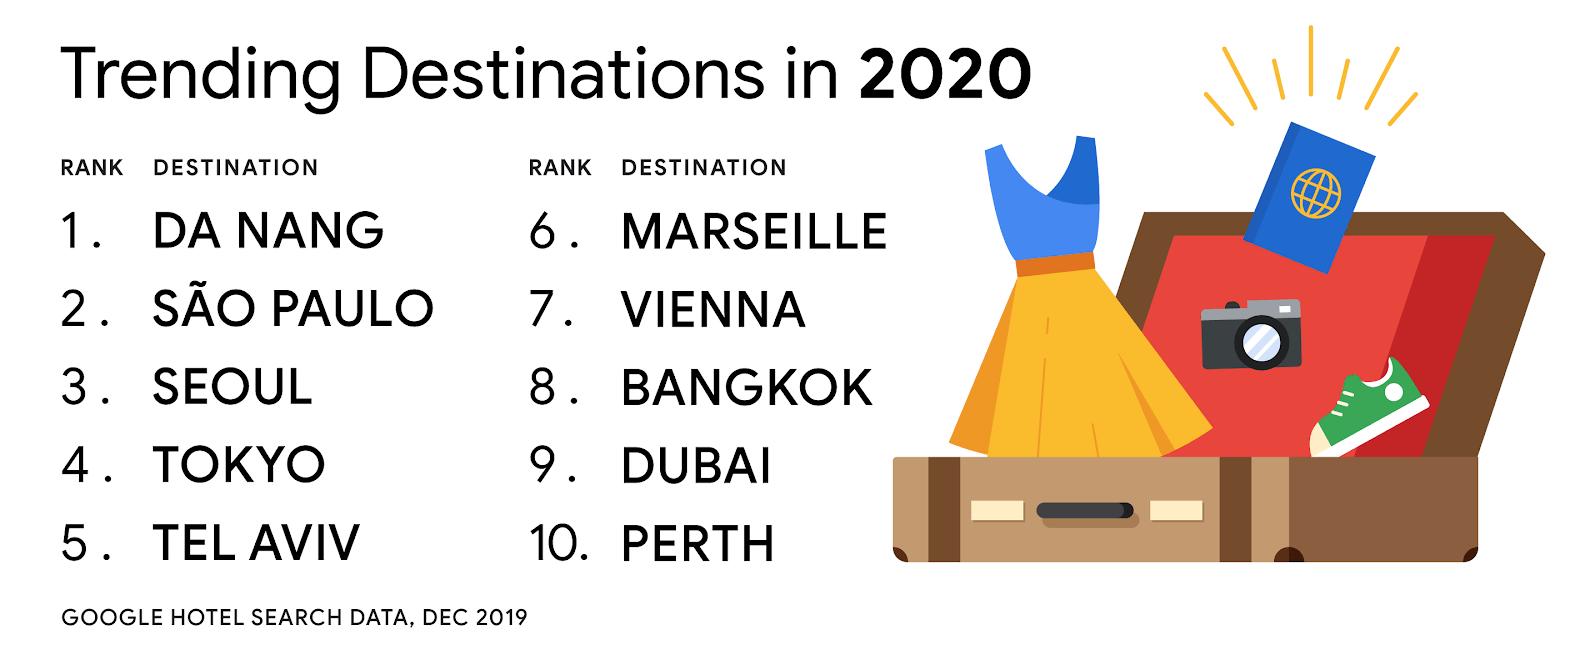 Google: Đà Nẵng đứng đầu tìm kiếm khách sạn du lịch khu vực Châu Á Thái Bình Dương